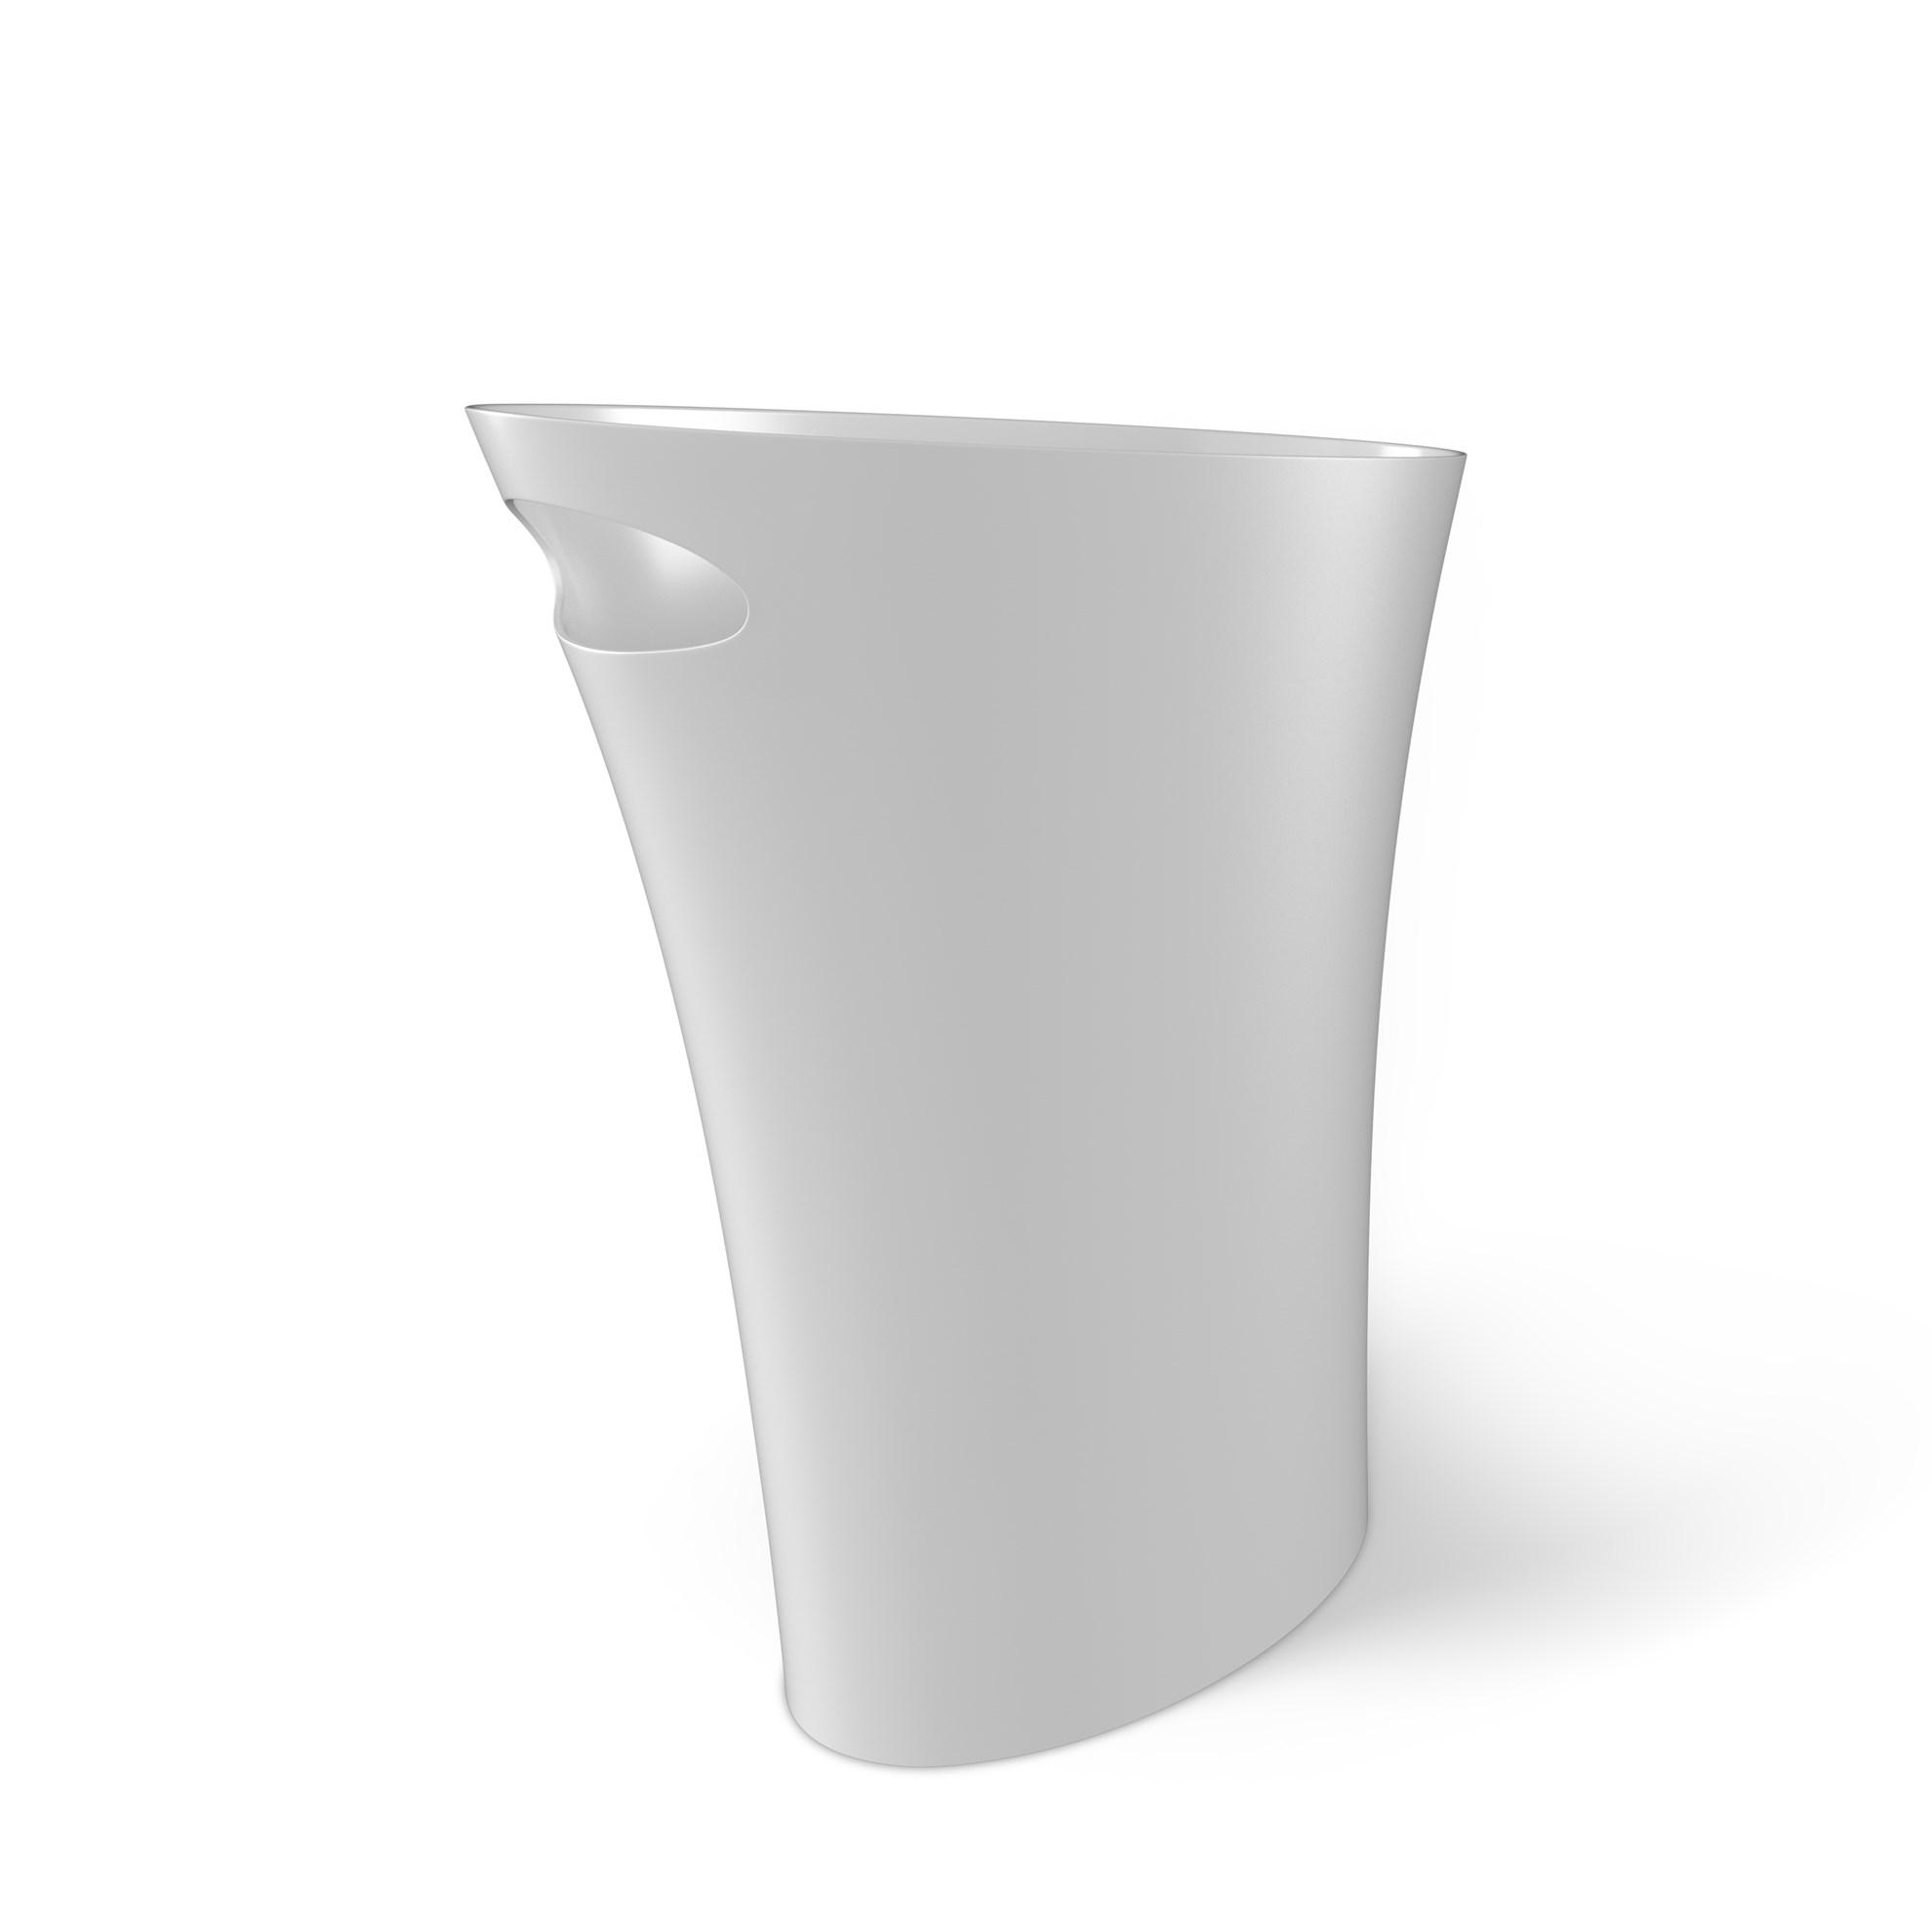 Odpadkový koš SKINNY 7,5 l bílý_0